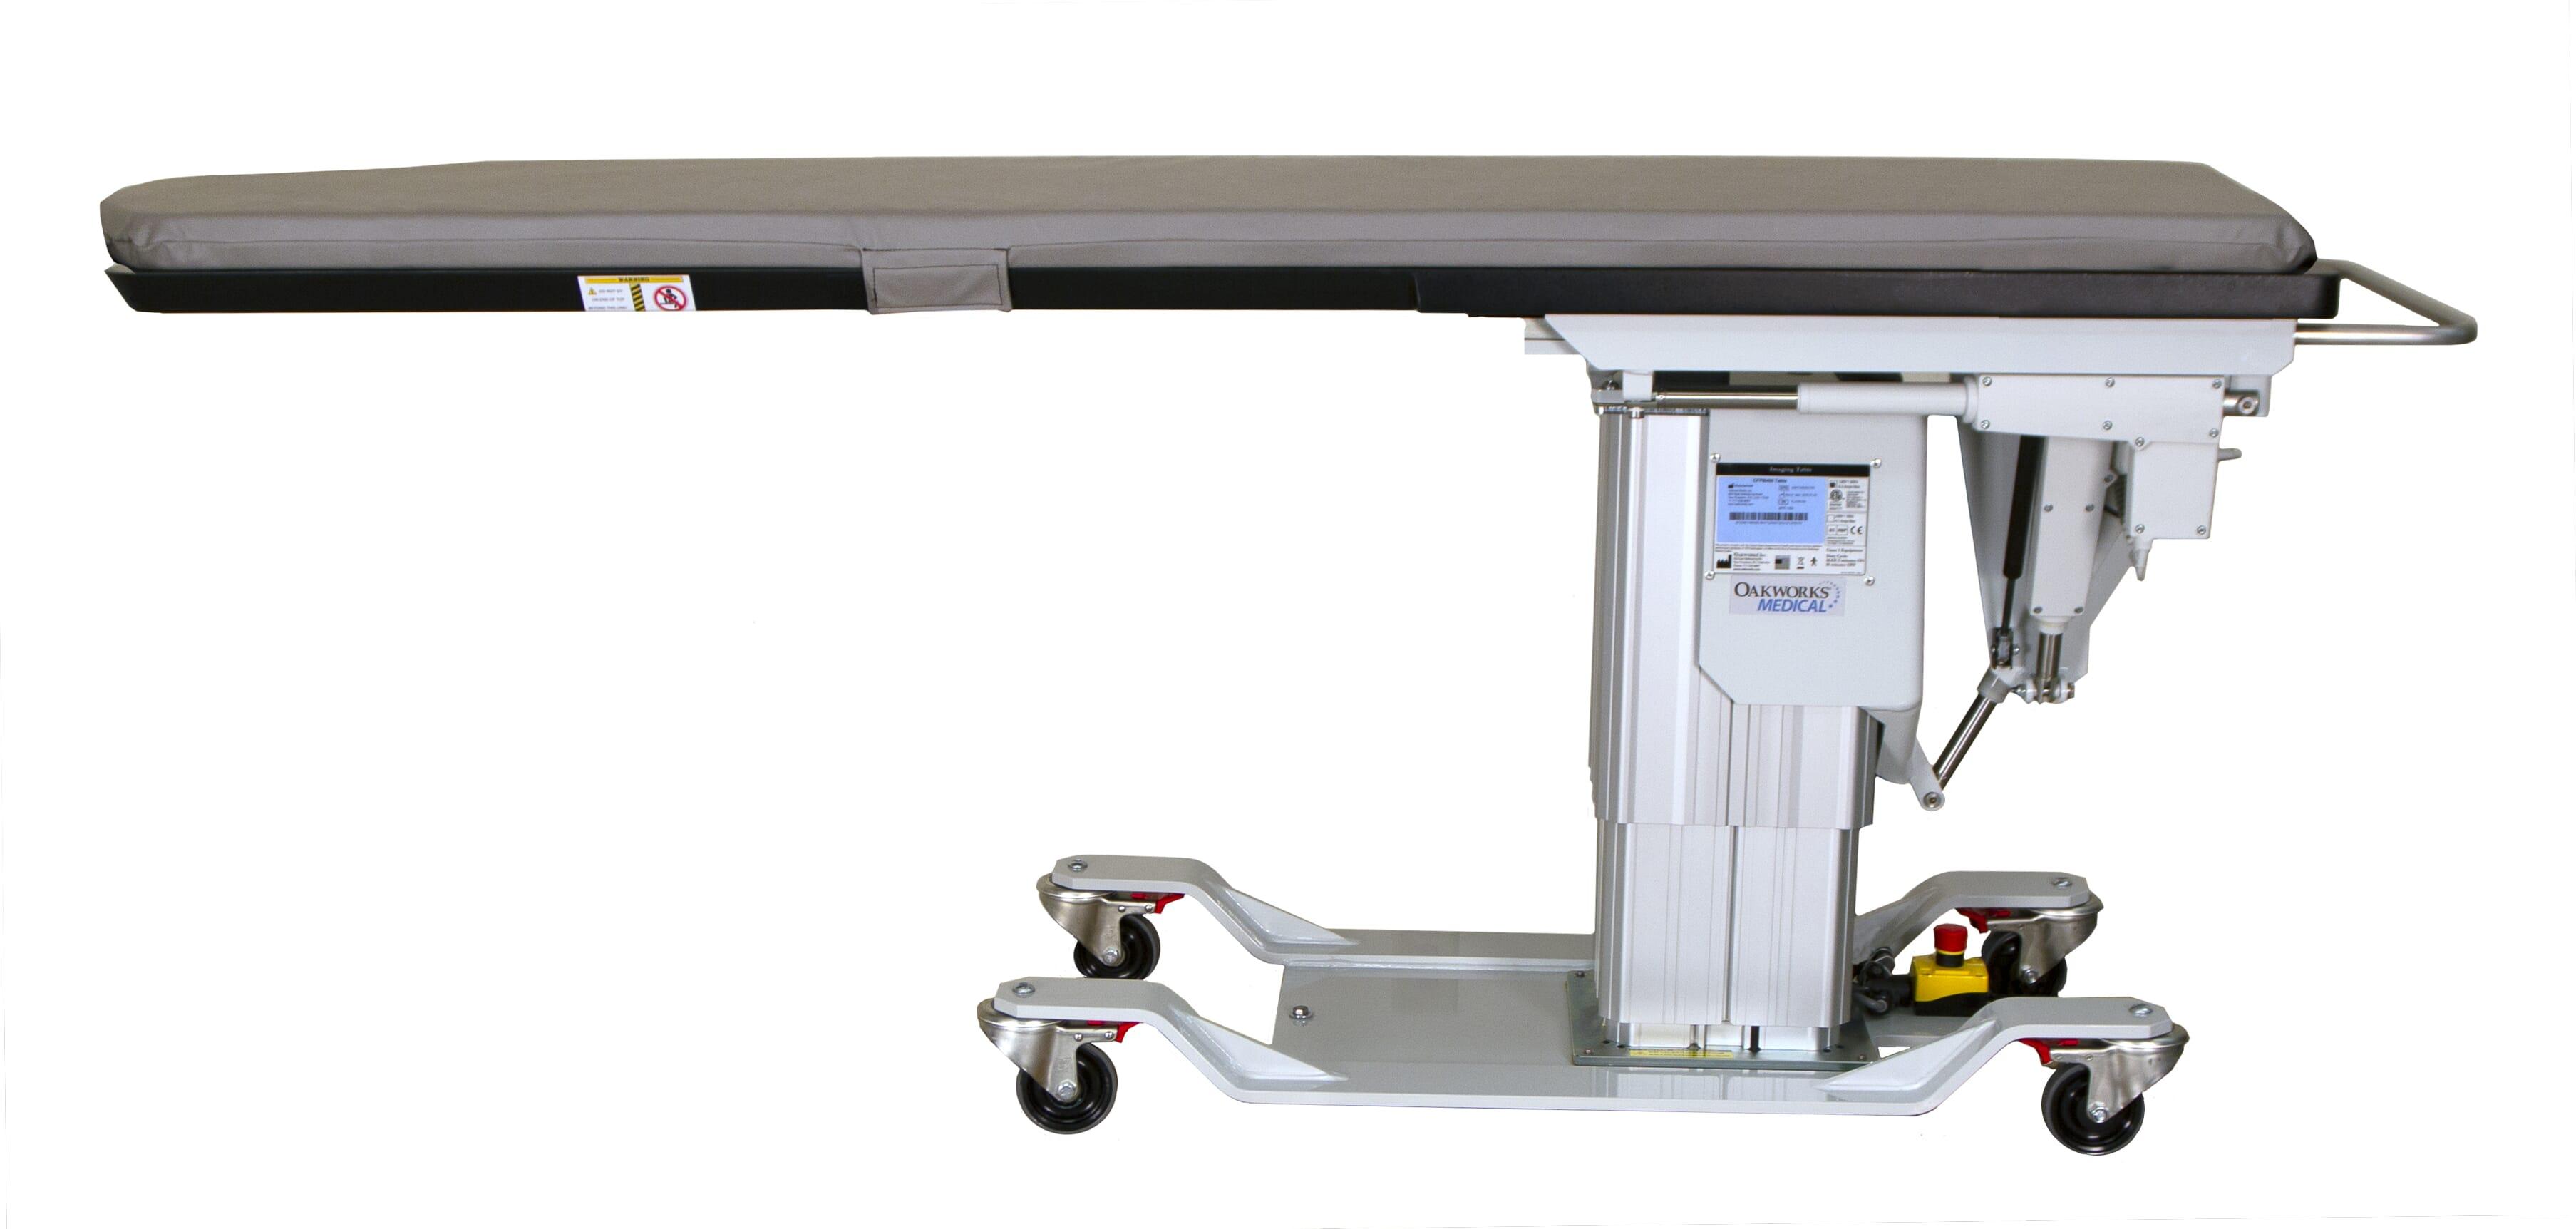 CFPMB301 Rectangular Top Imaging-Pain Management Table